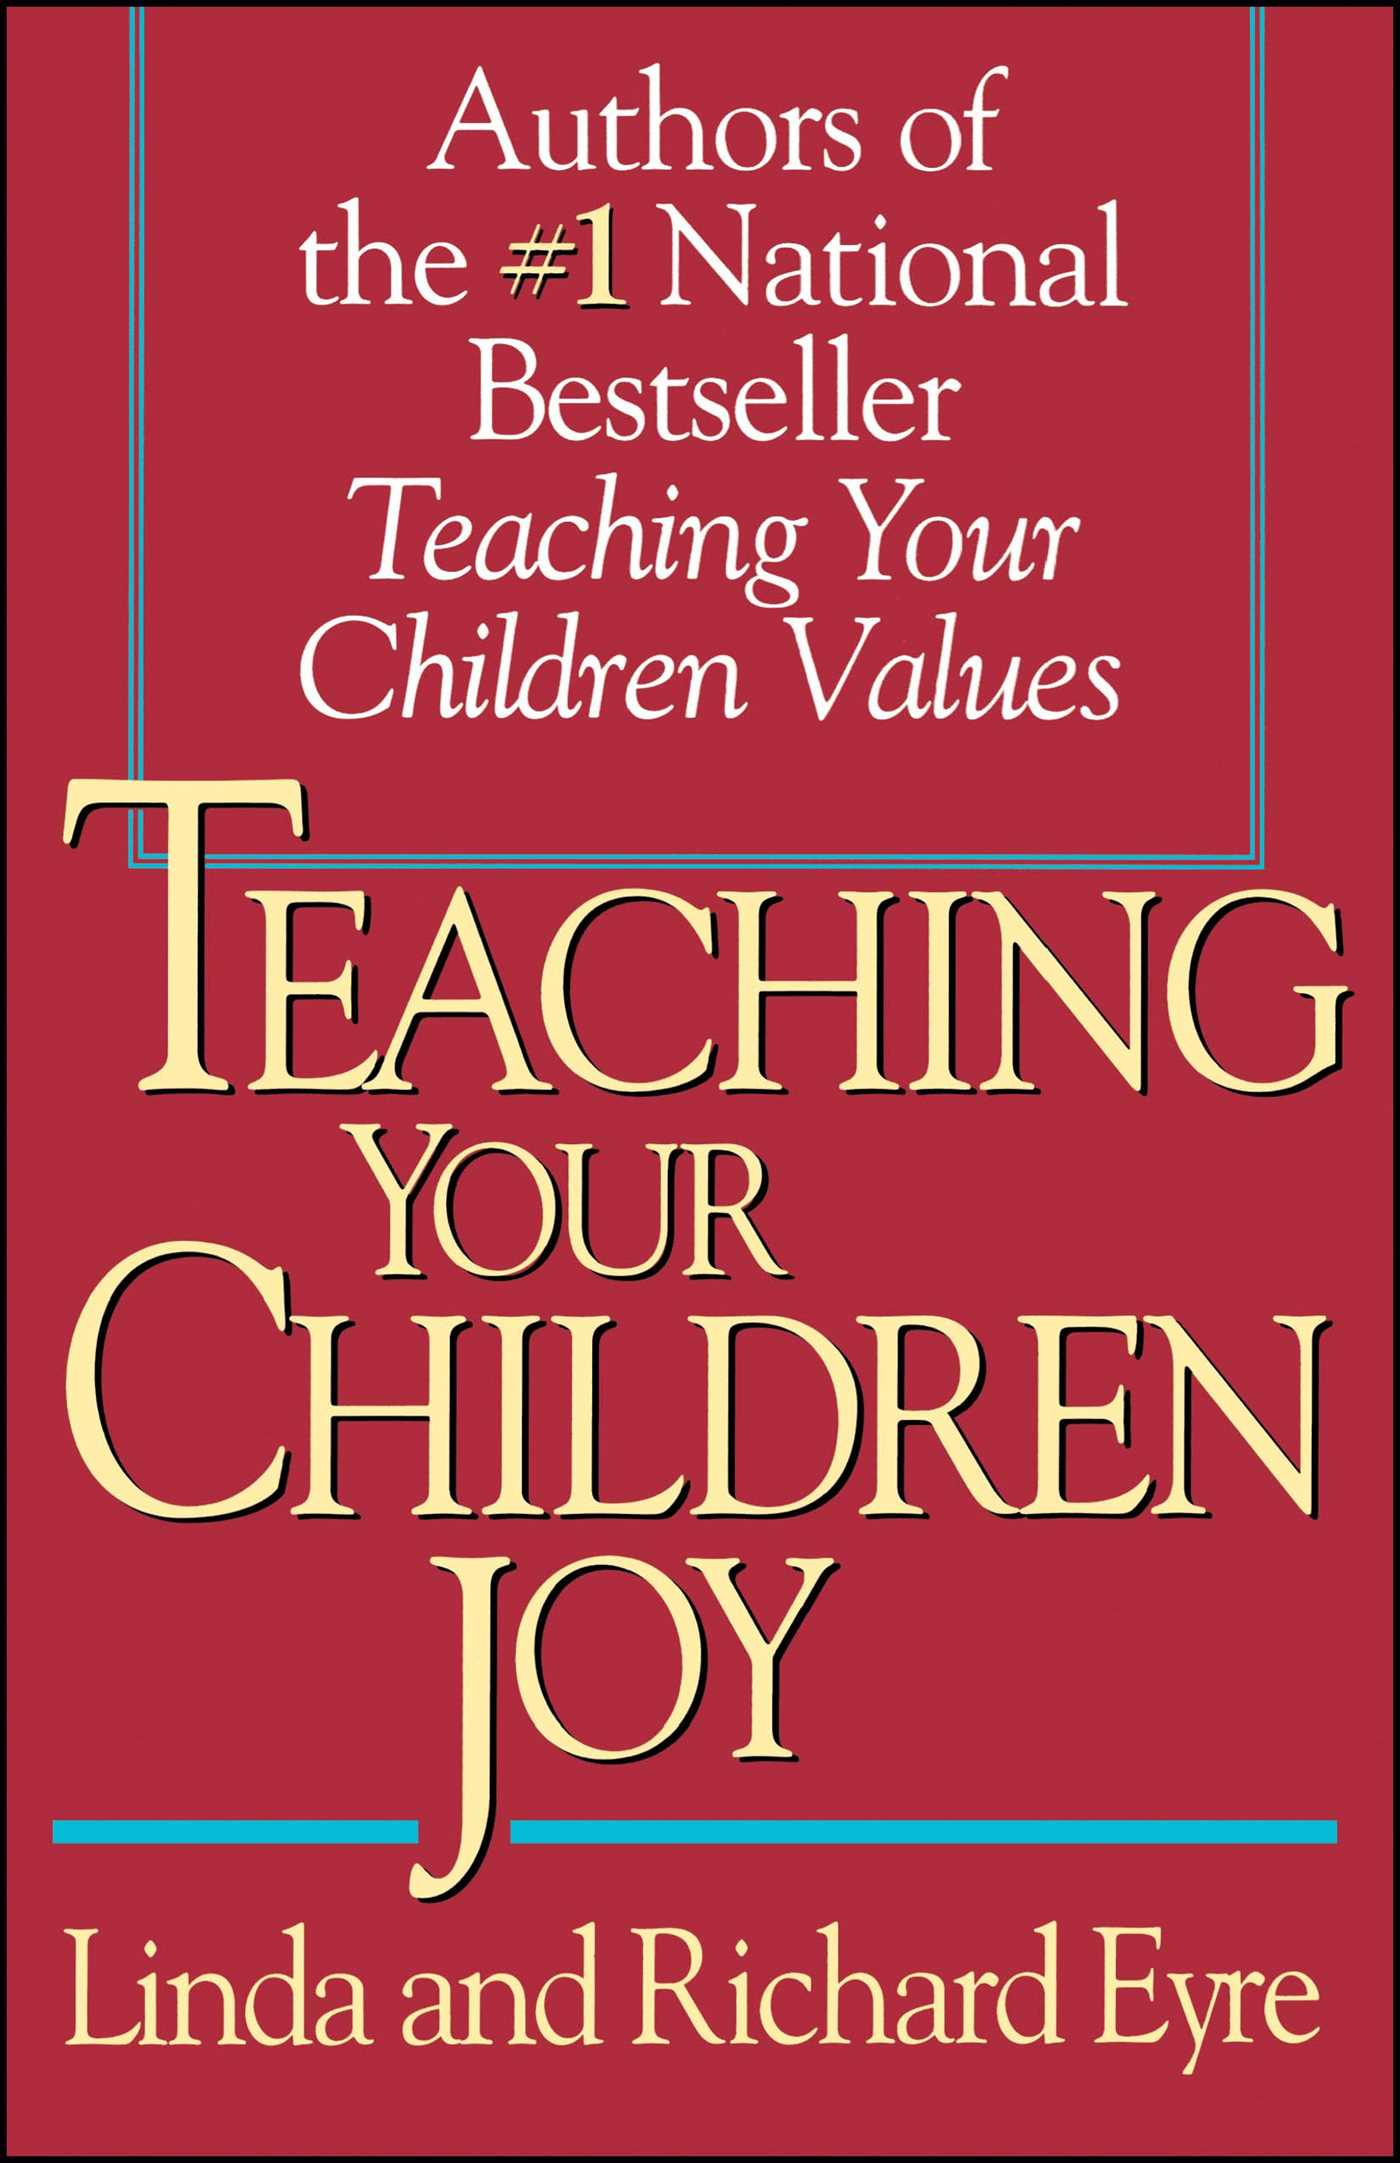 Teaching your children joy 9780671887254 hr